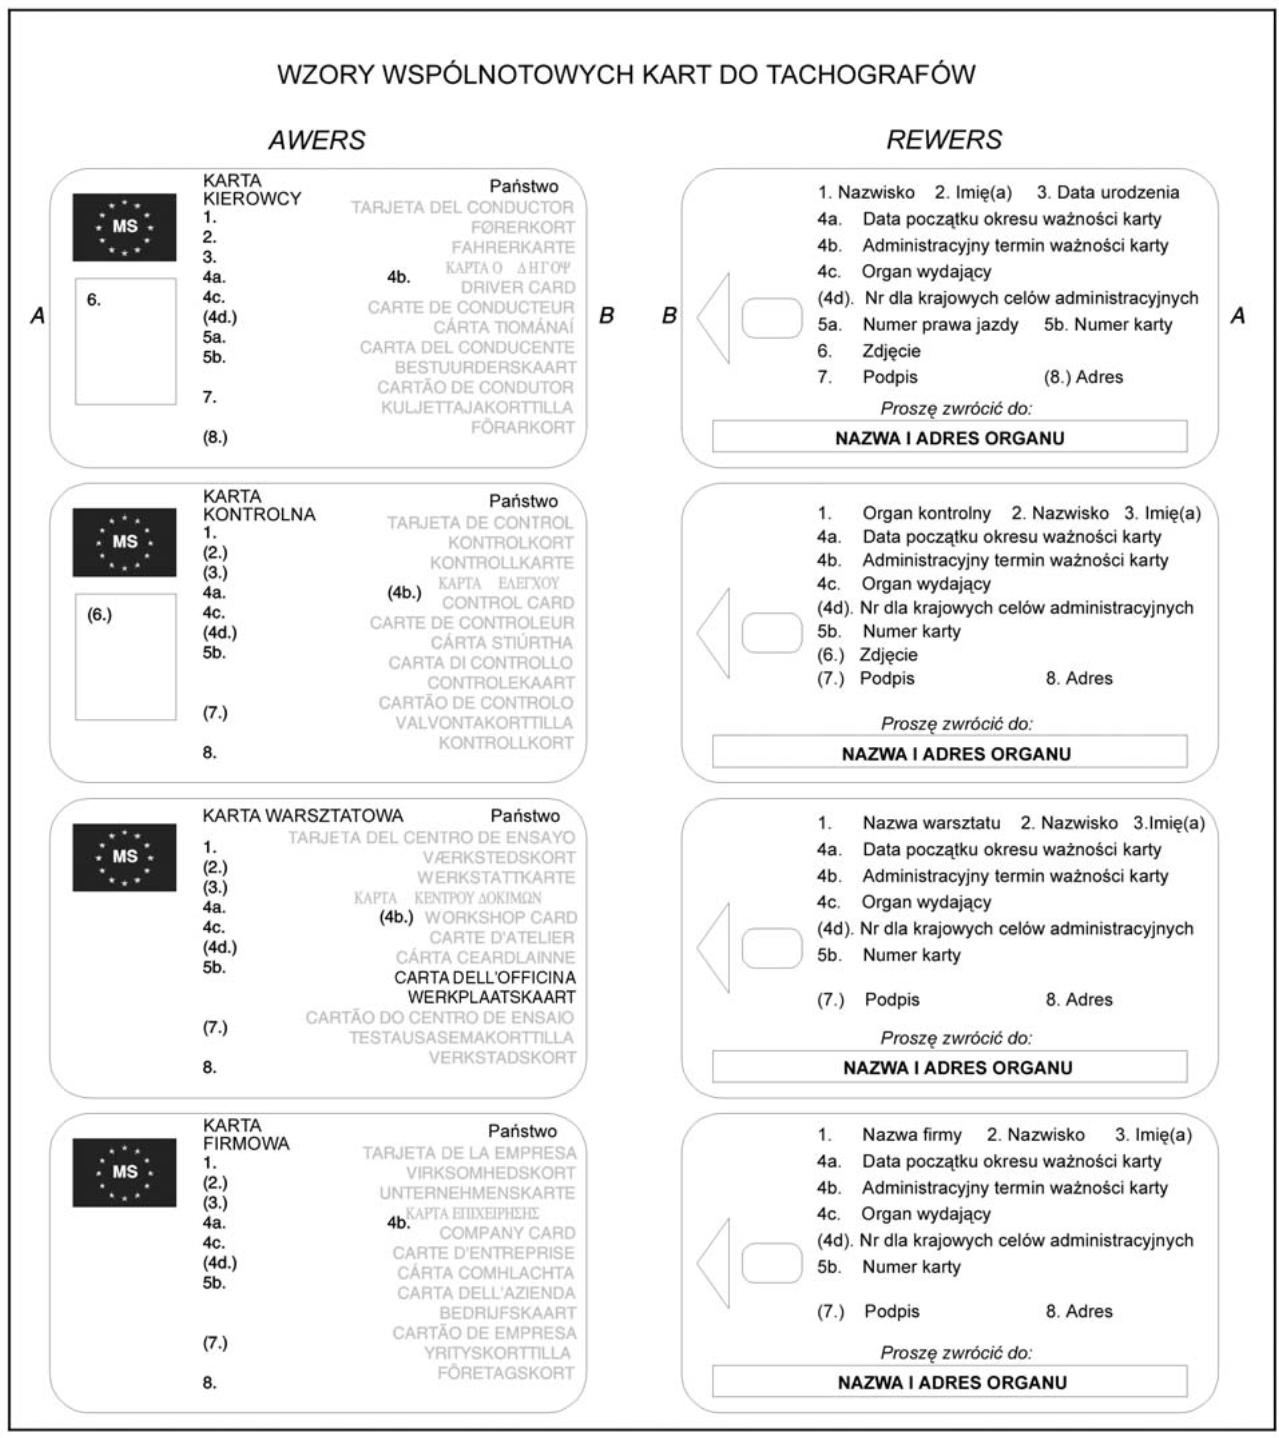 Zal.2 Równoległe obowiązki i odpowiedzialność podmiotów trzecich (załadowców, spedytorów, organizatorów transportu)